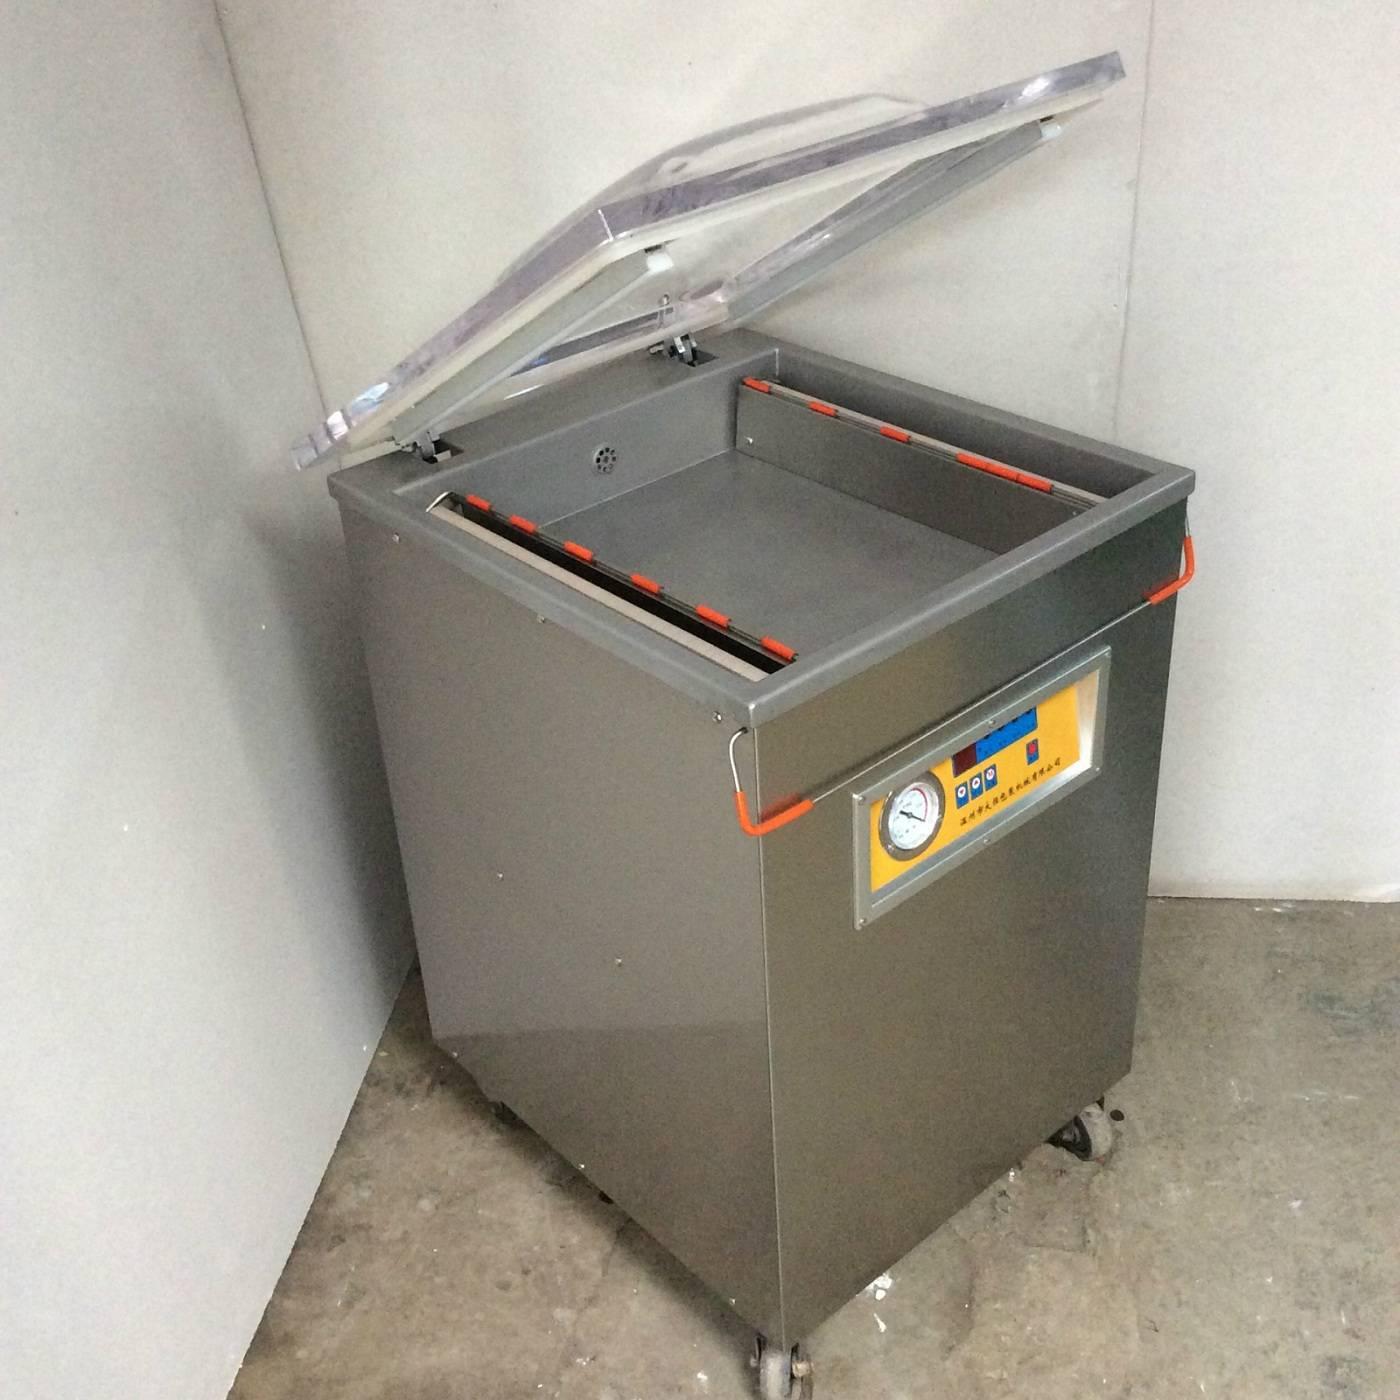 DZ-500 vacuum packing machine